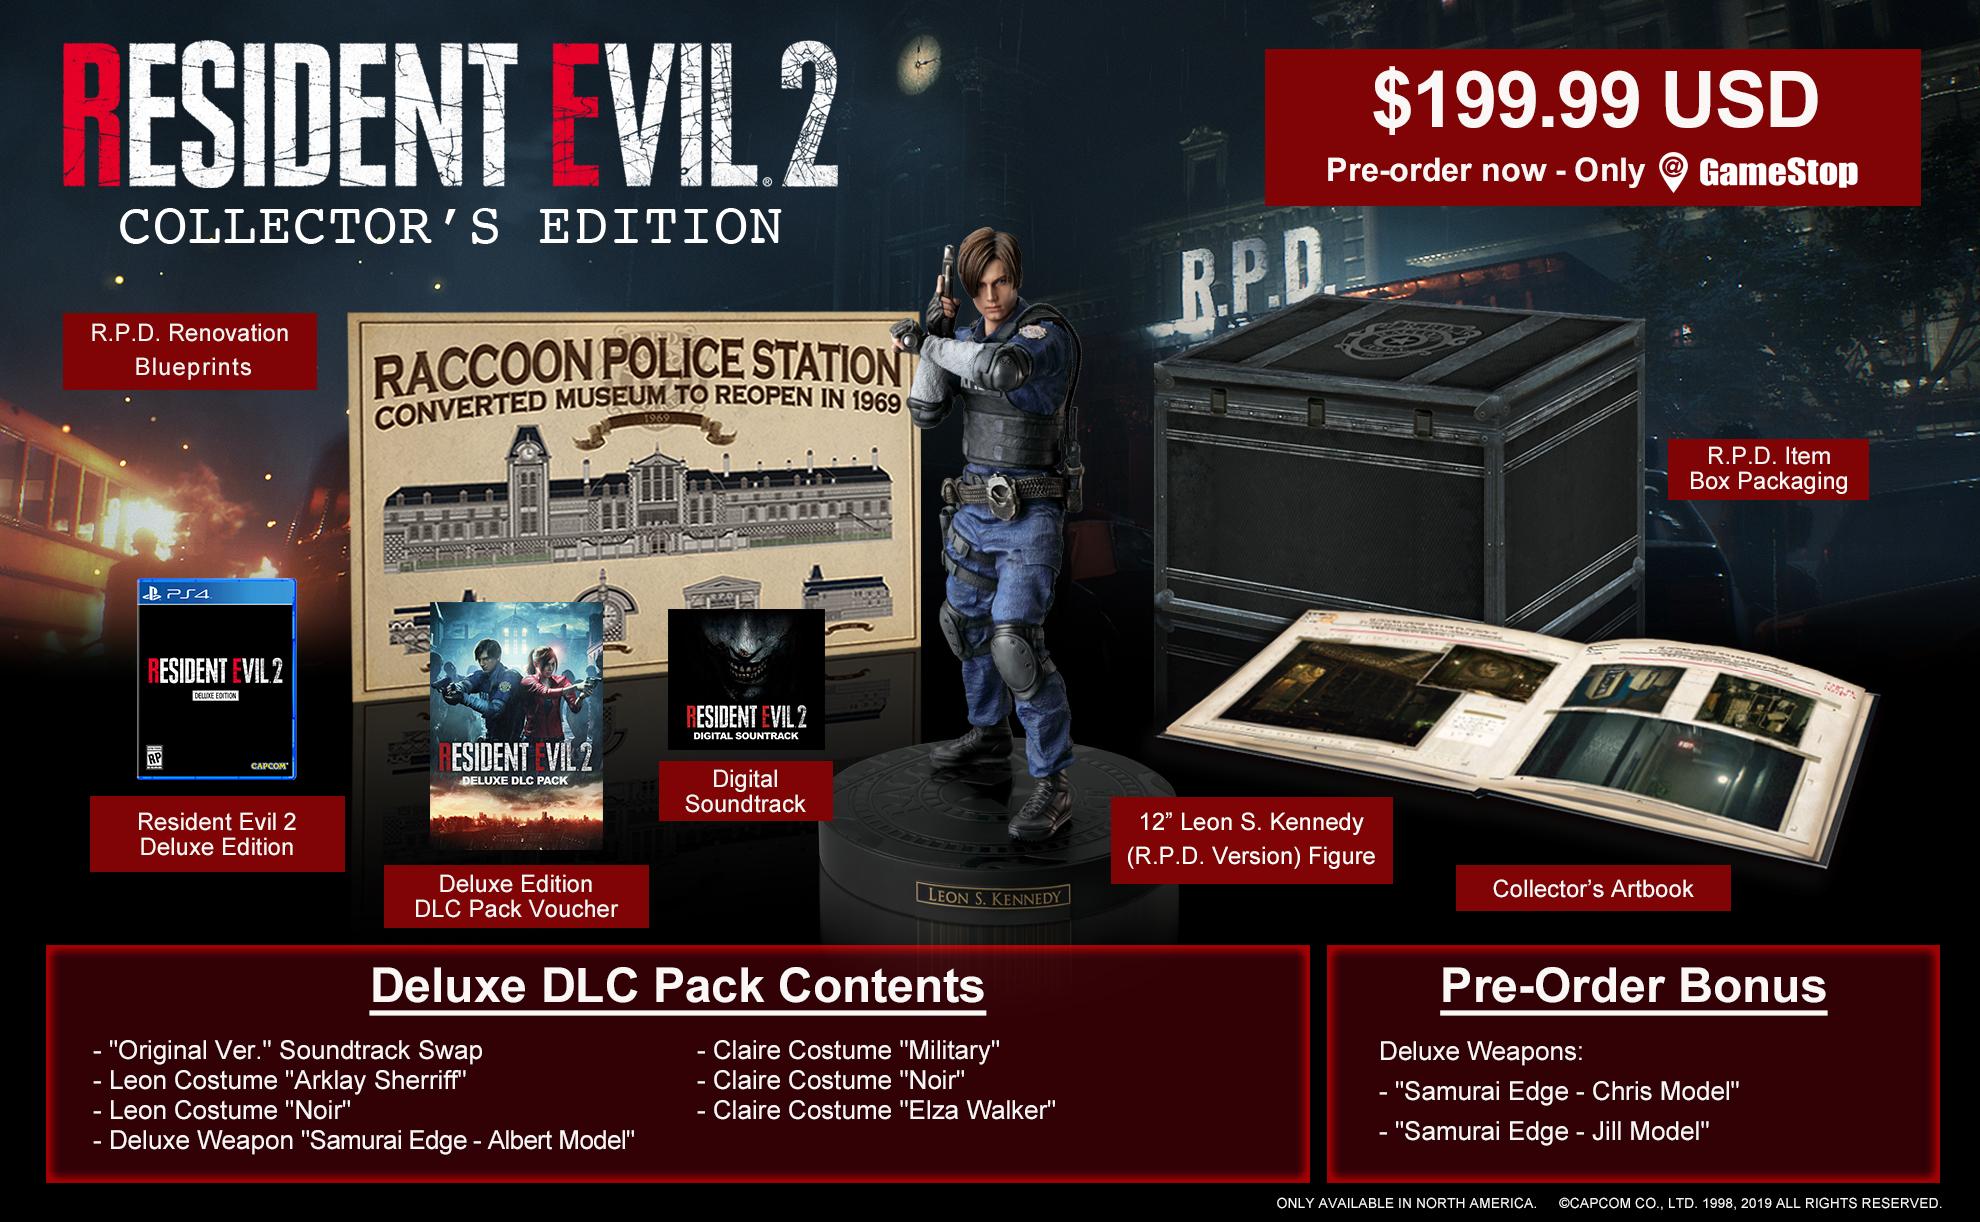 Edição de colecionador do remake de Resident Evil 2